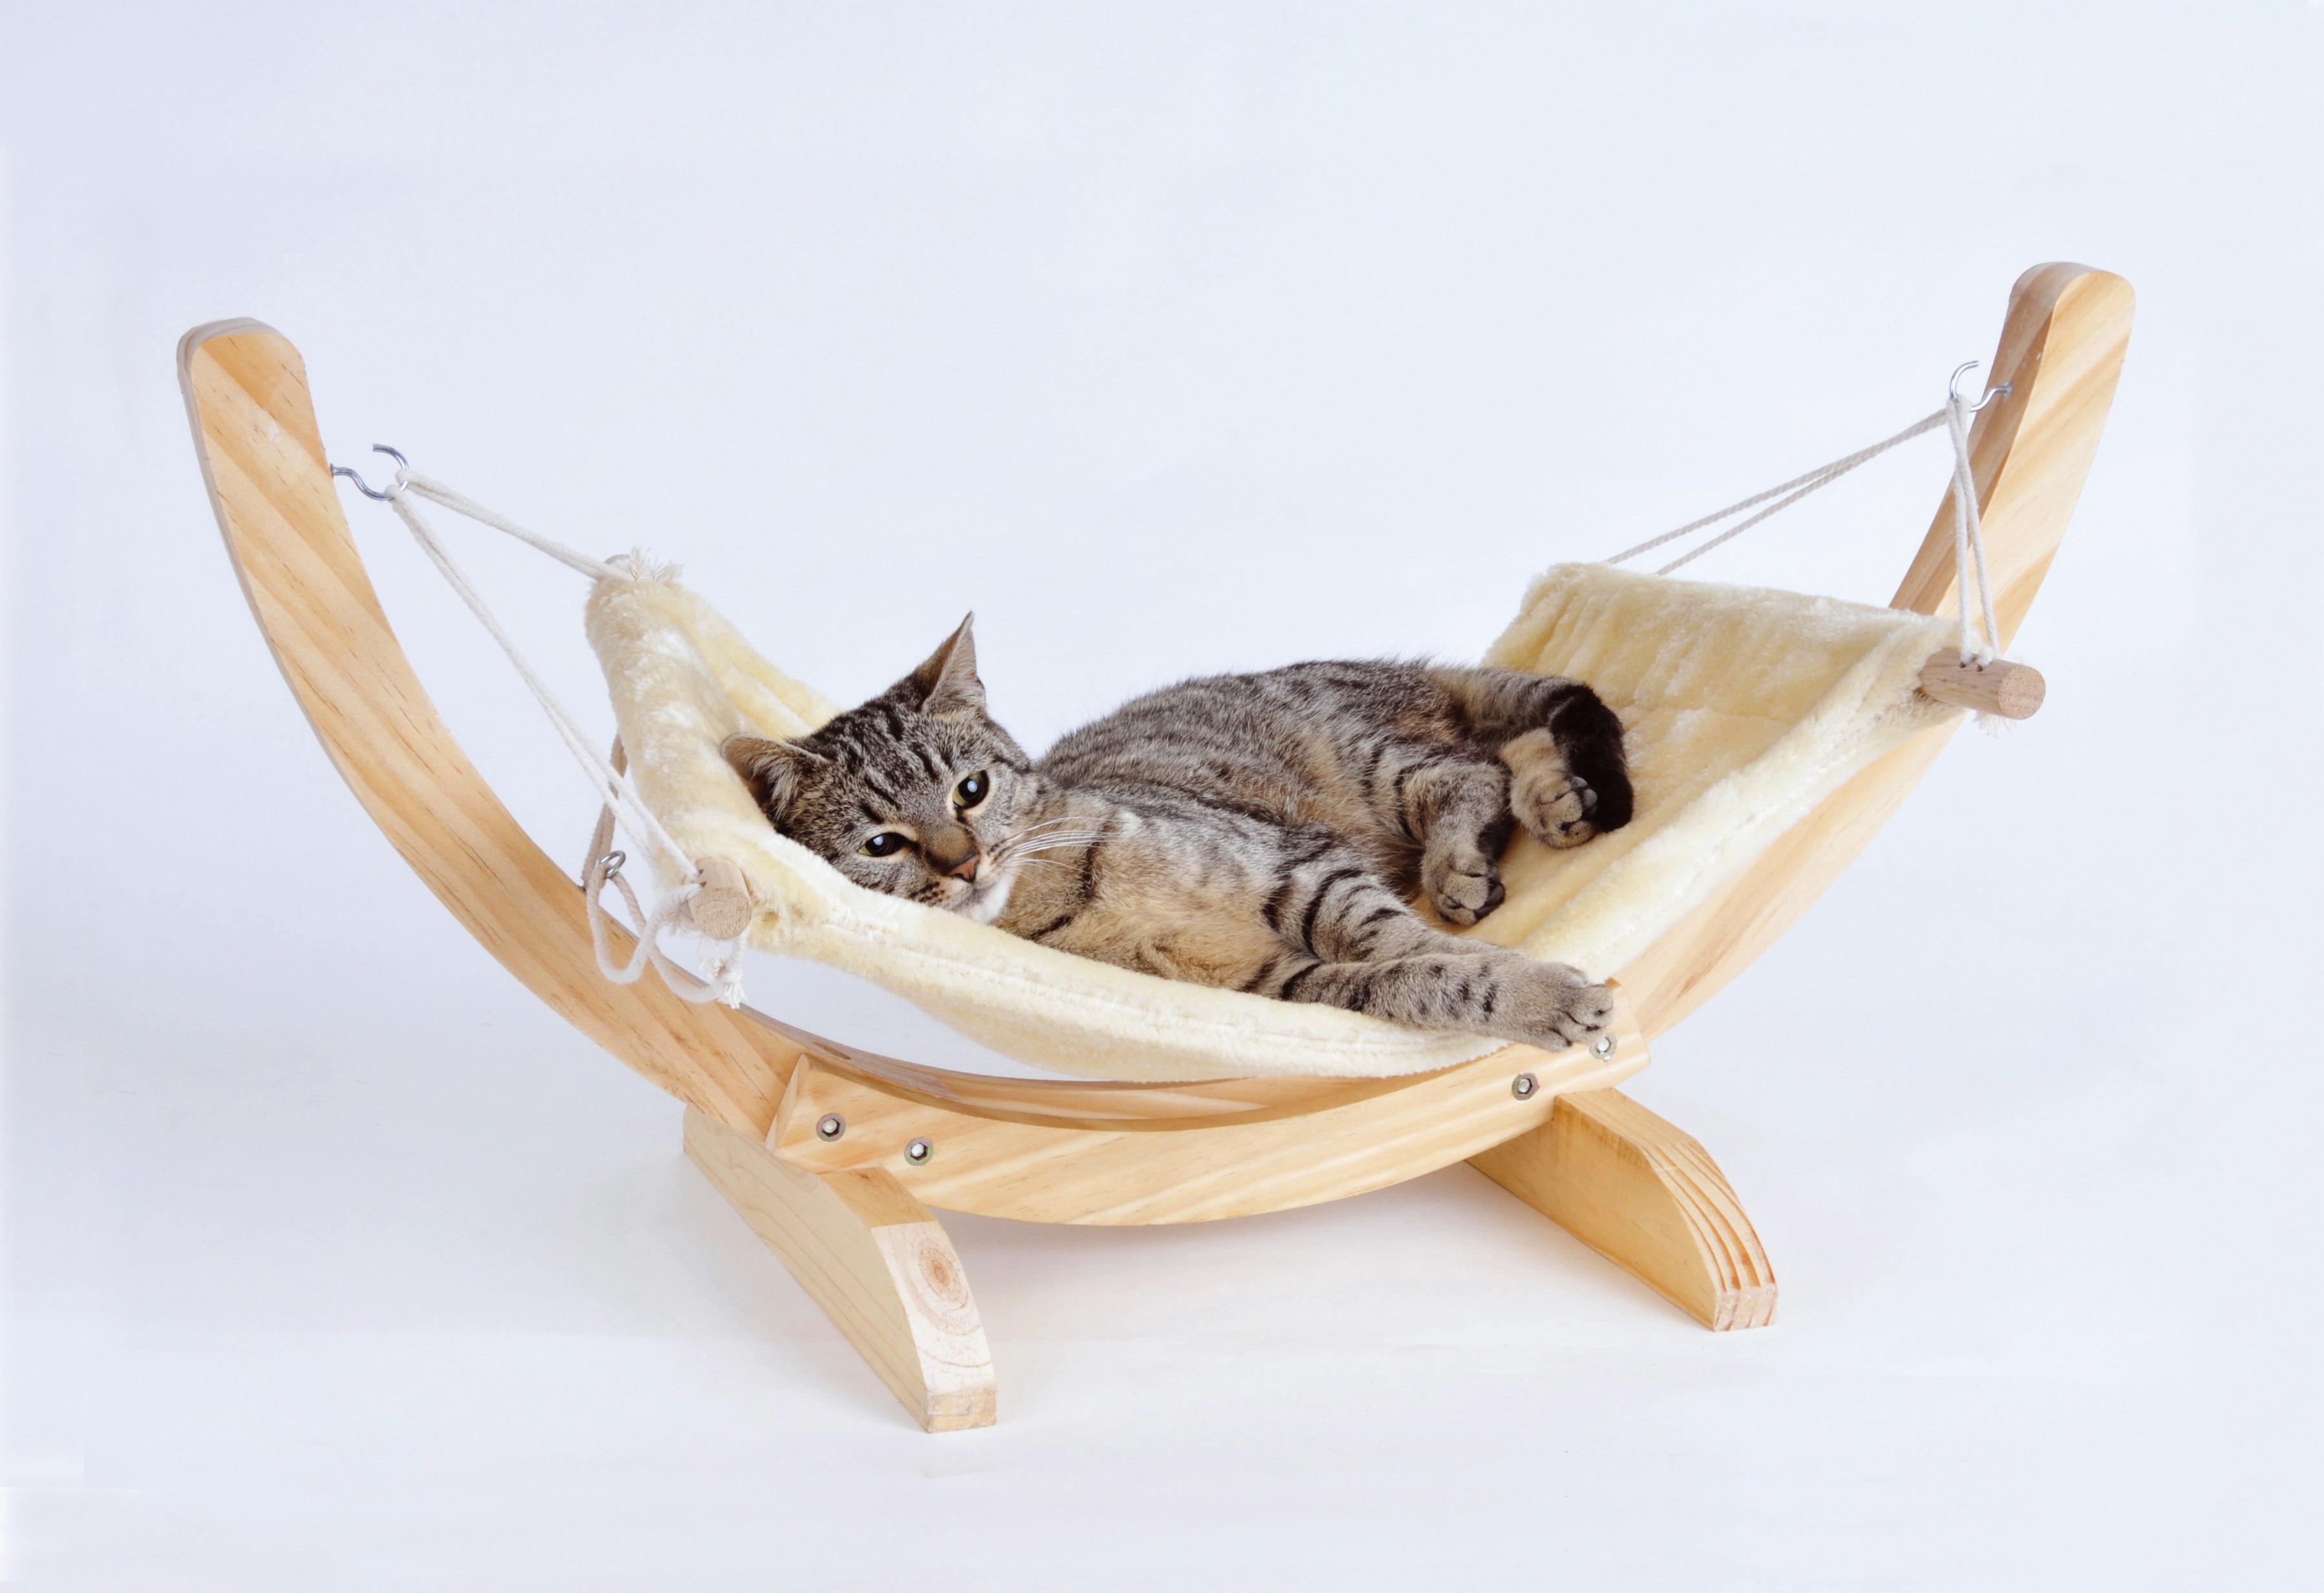 Katzen-Hängematte »Cat Relax« | Garten > Tiermöbel > Katzenkörbe | Natur | SILVIO DESIGN